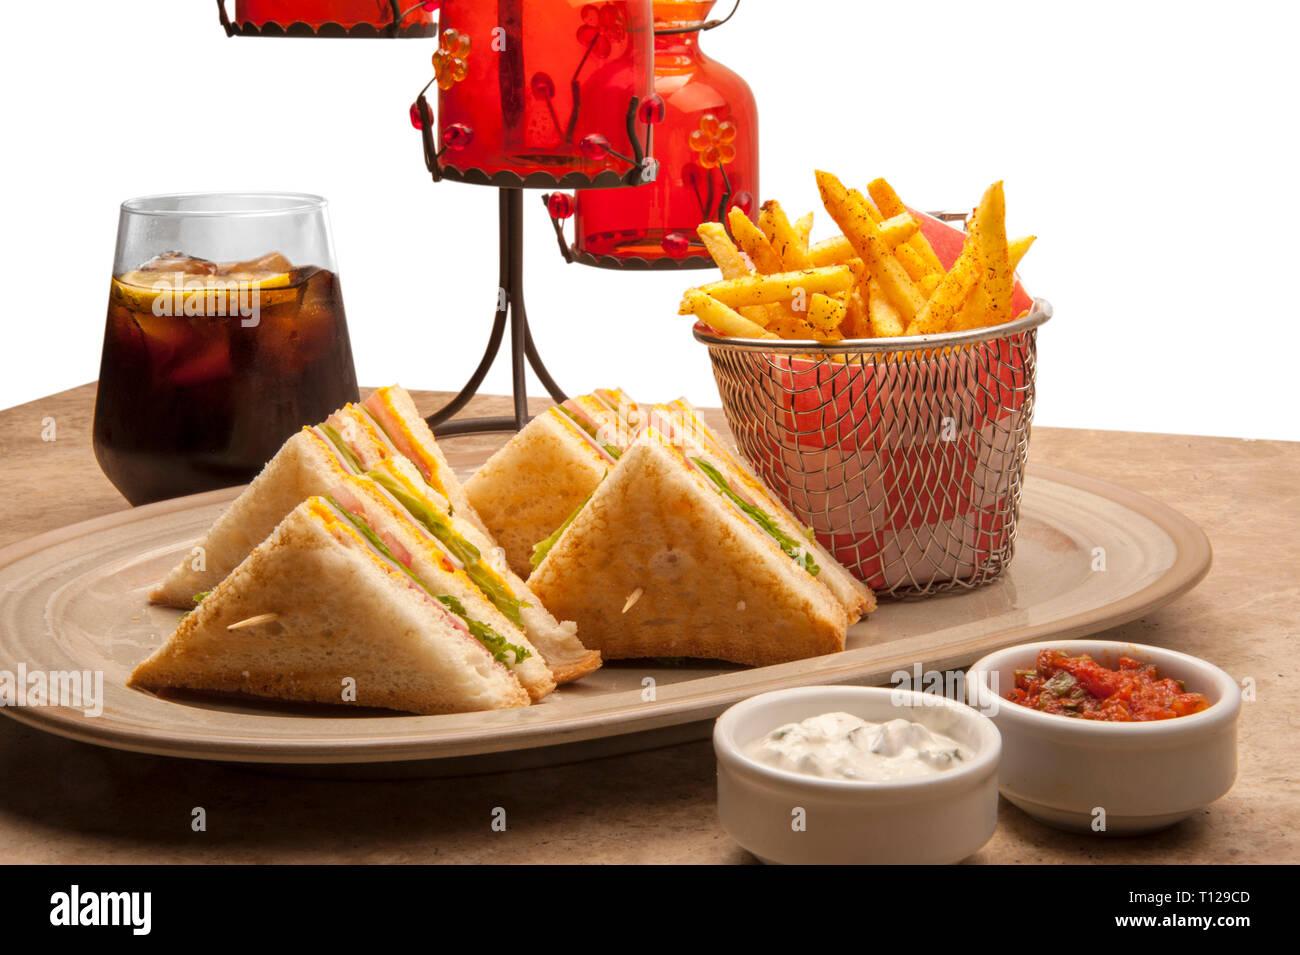 Quick and practical nutrition tools that employees can not give up. Çalışanların vaz geçemedikleri hızlı yemek çeşitleri, Hızlı ve pratik beslenme. - Stock Image